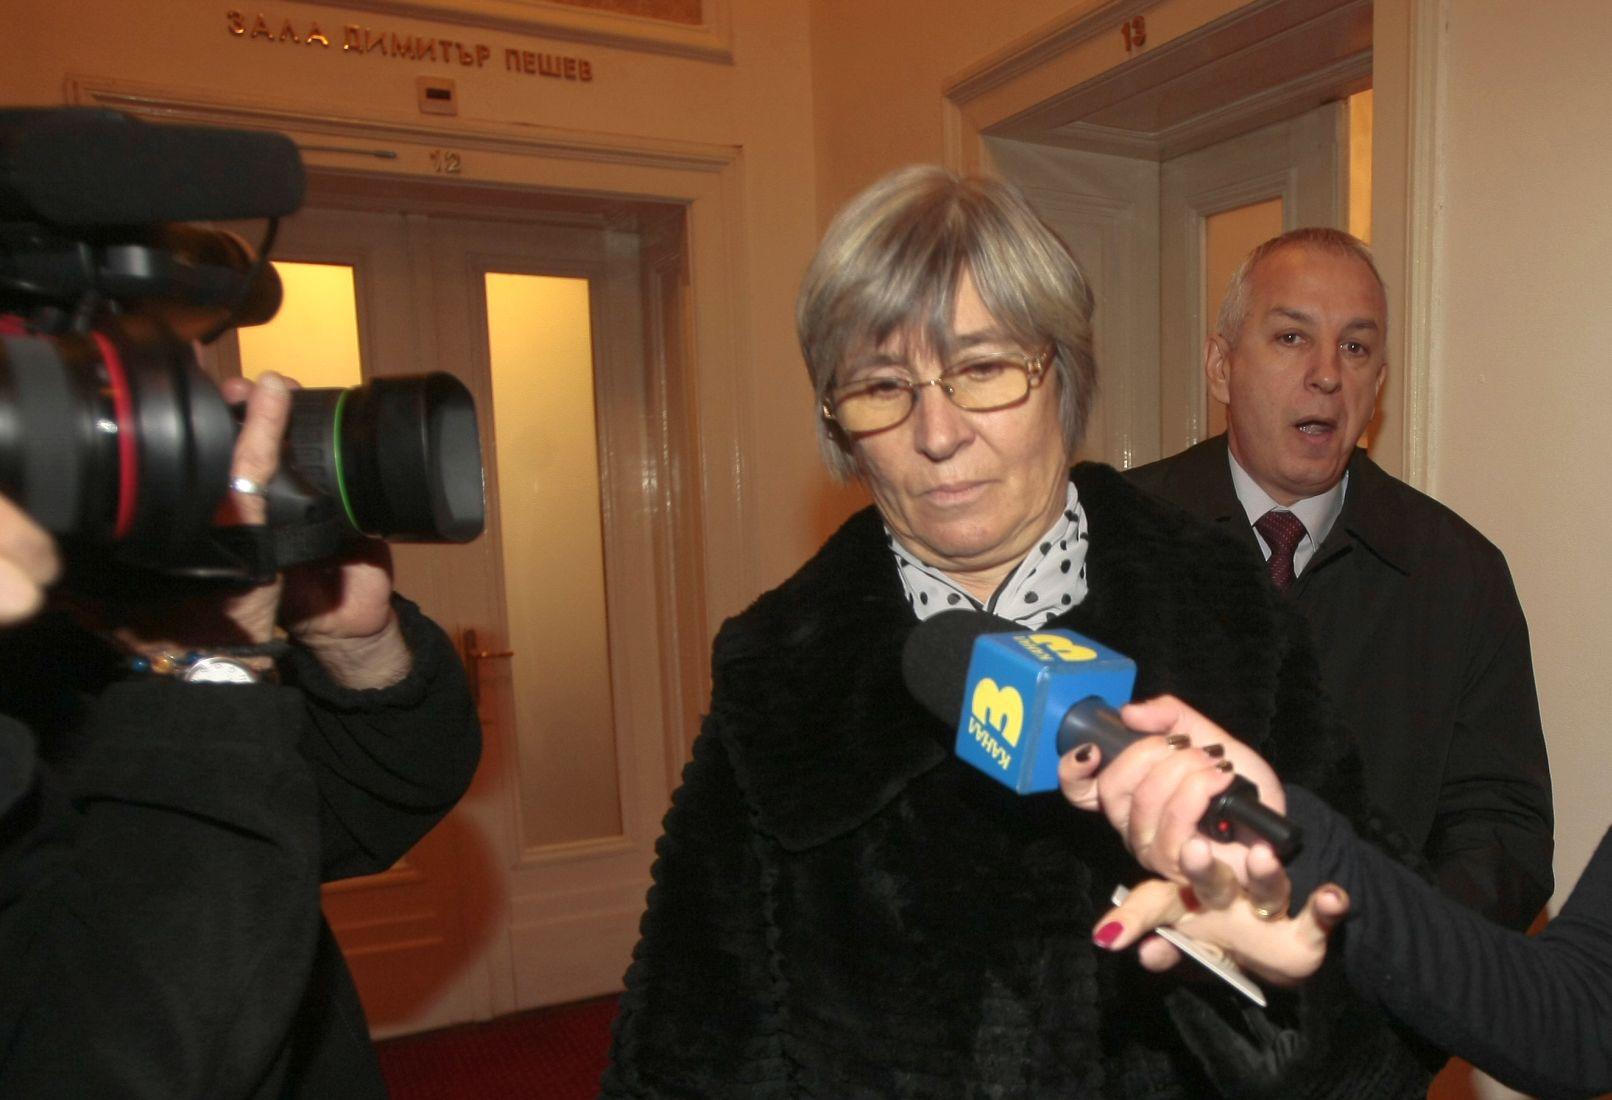 Марковска отвръща на удара: Ще си търся правата в съда